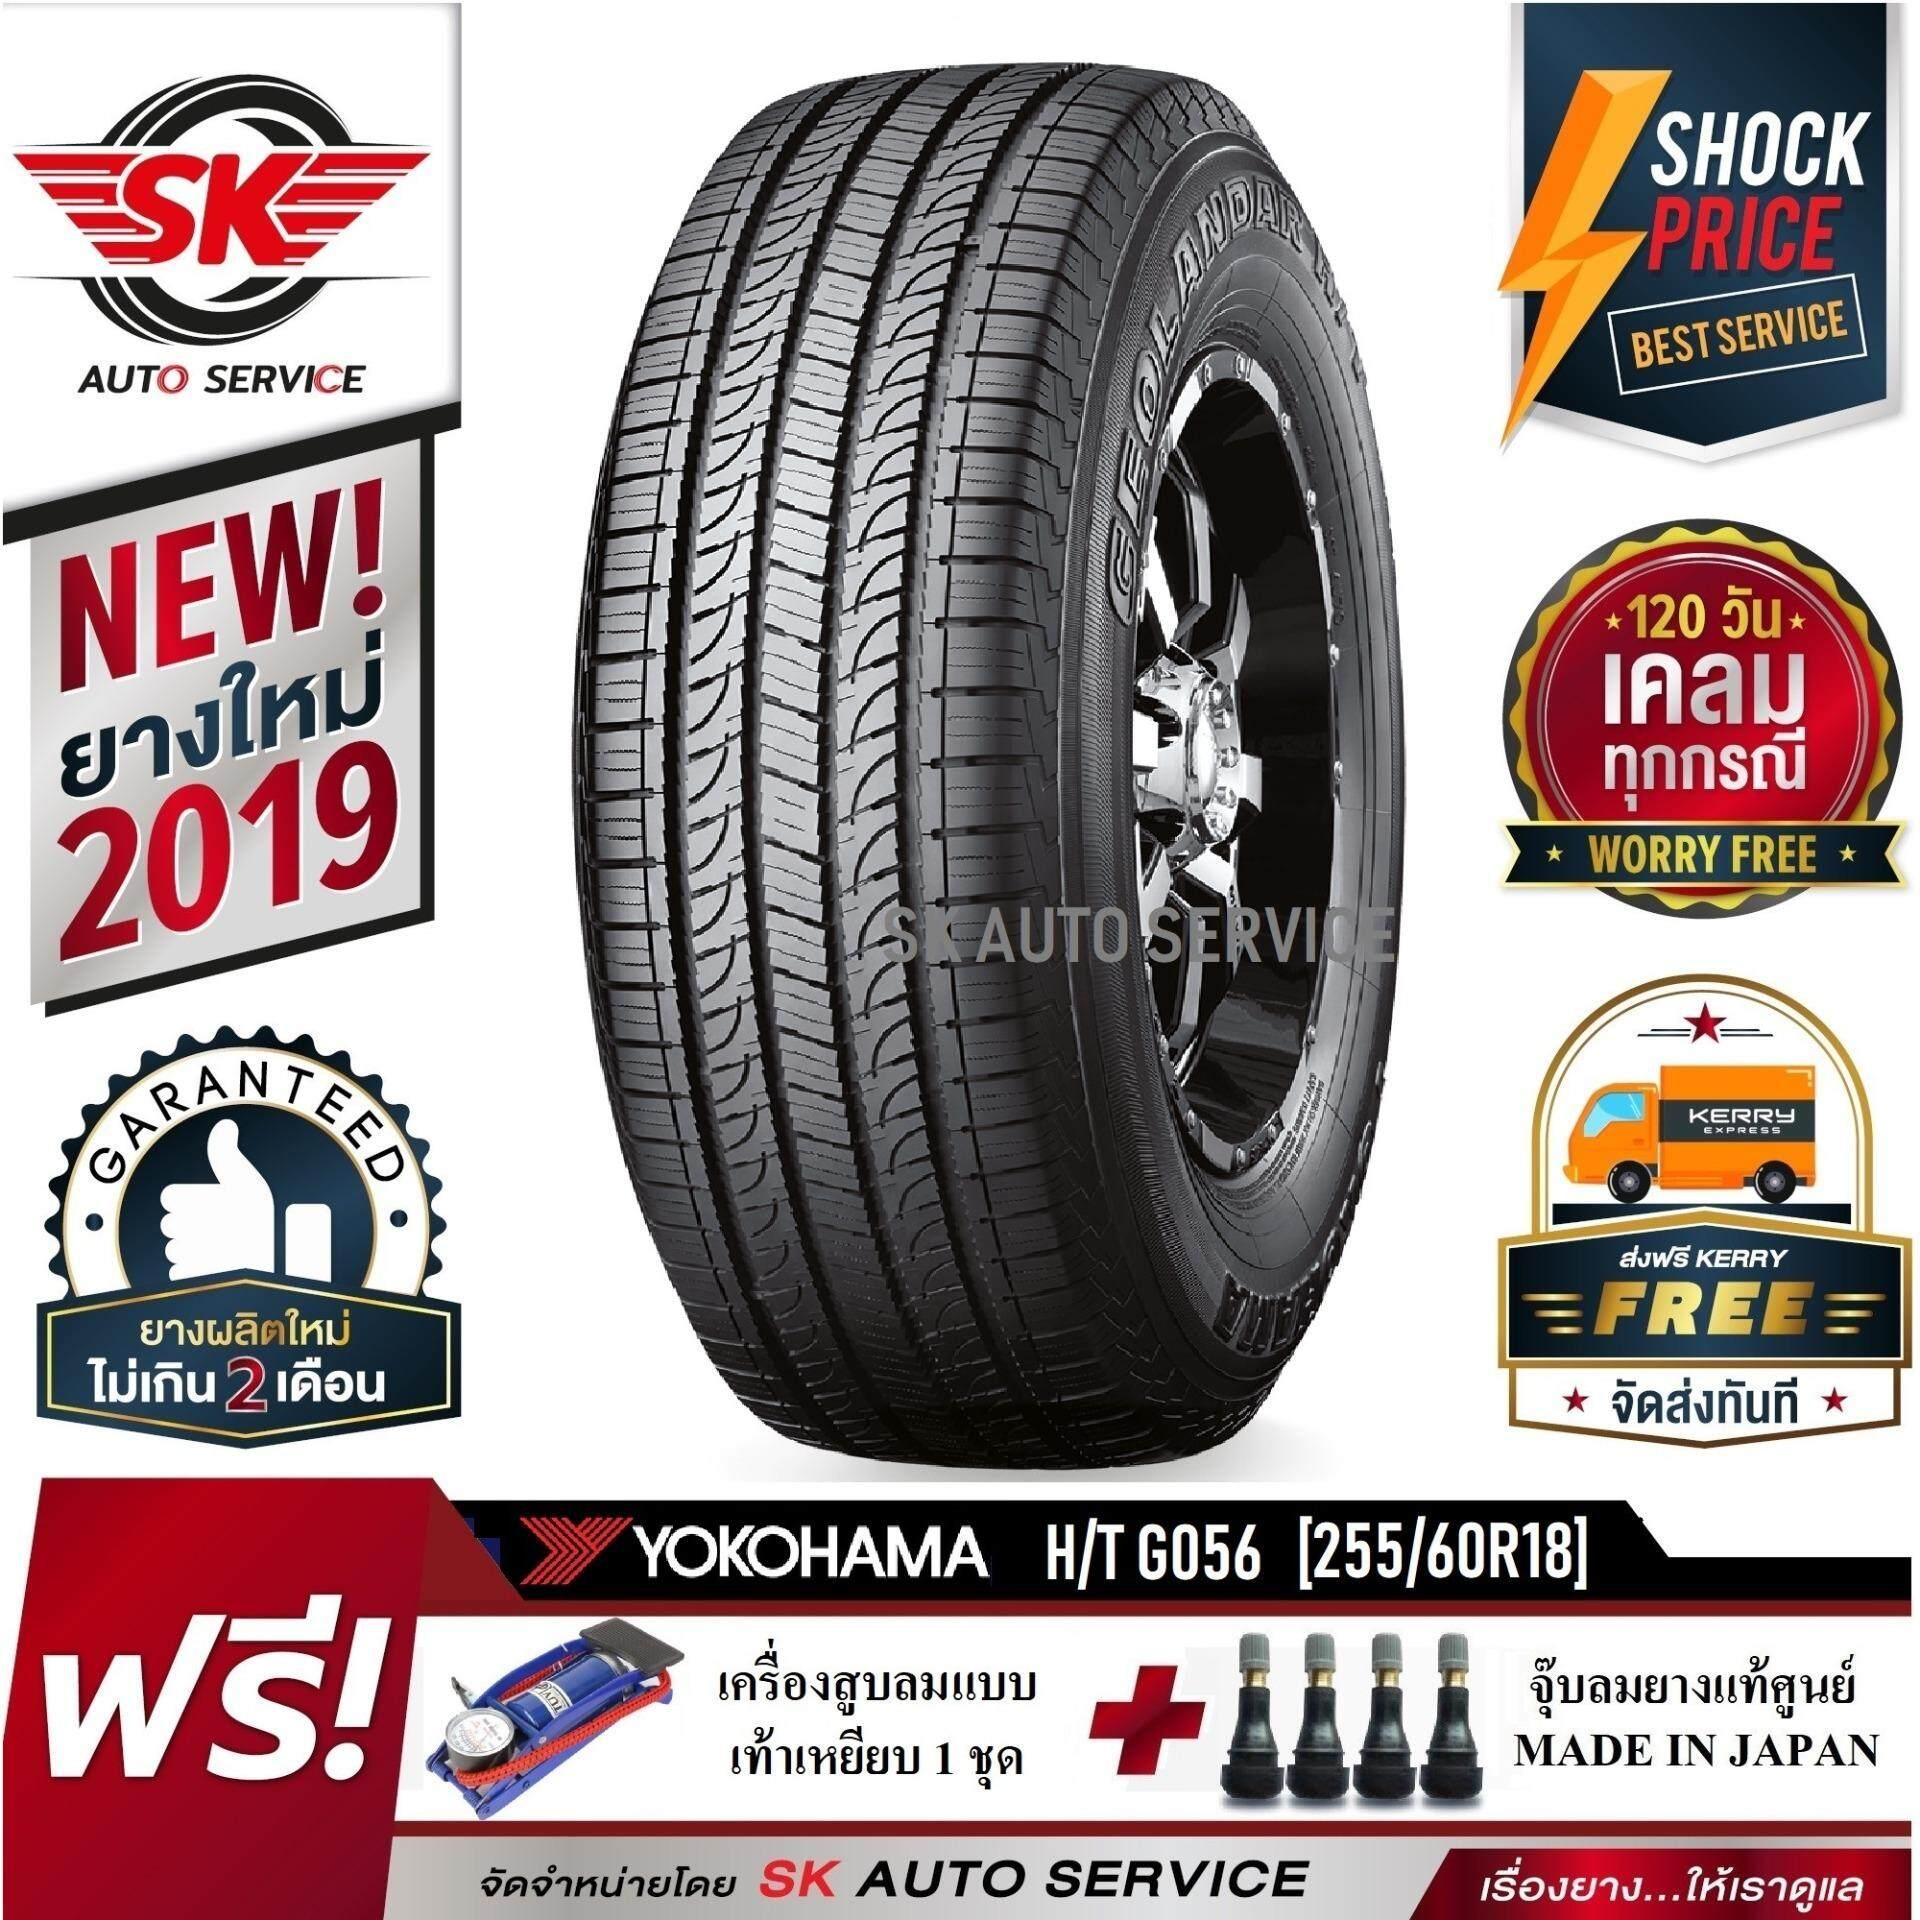 ประกันภัย รถยนต์ 3 พลัส ราคา ถูก กำแพงเพชร YOKOHAMA ยางรถยนต์ 255/60R18 (ล้อขอบ18) รุ่น GEOLANDAR H/T G056 4 เส้น (ใหม่กริ๊ปปี2019)